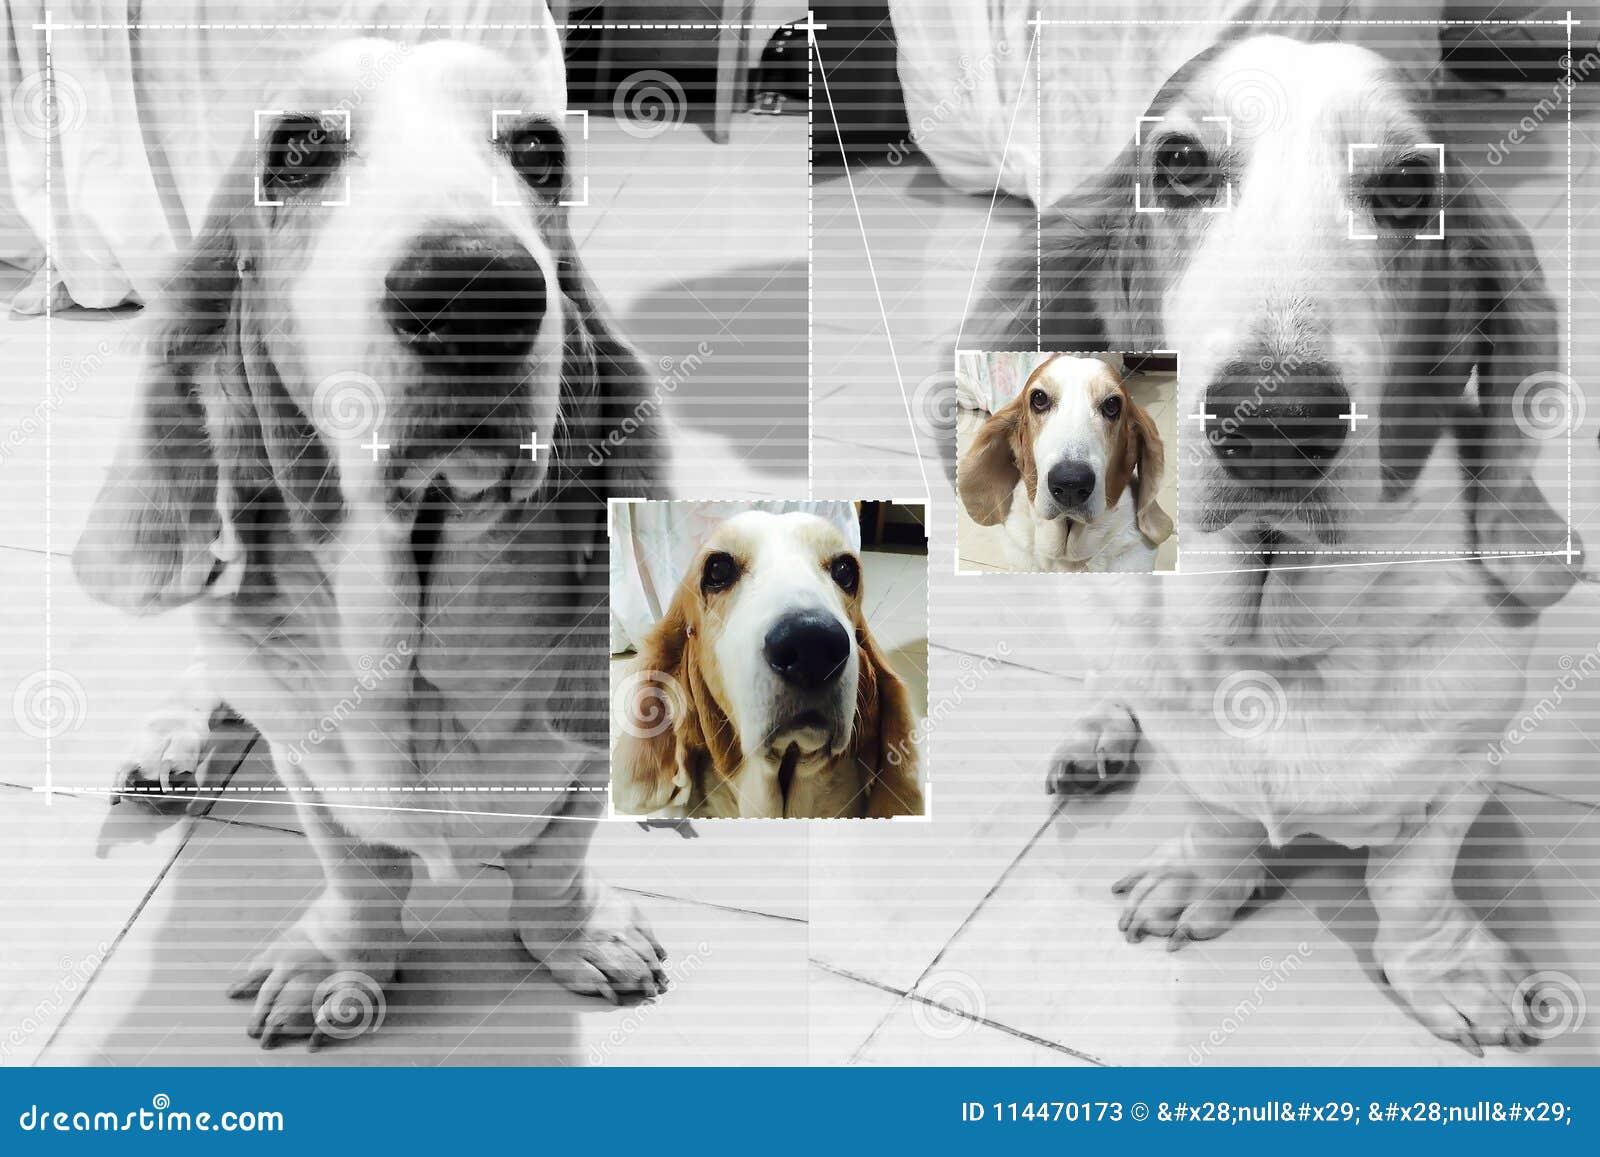 面对狗贝塞猎狗的侦查技术与屏幕detec